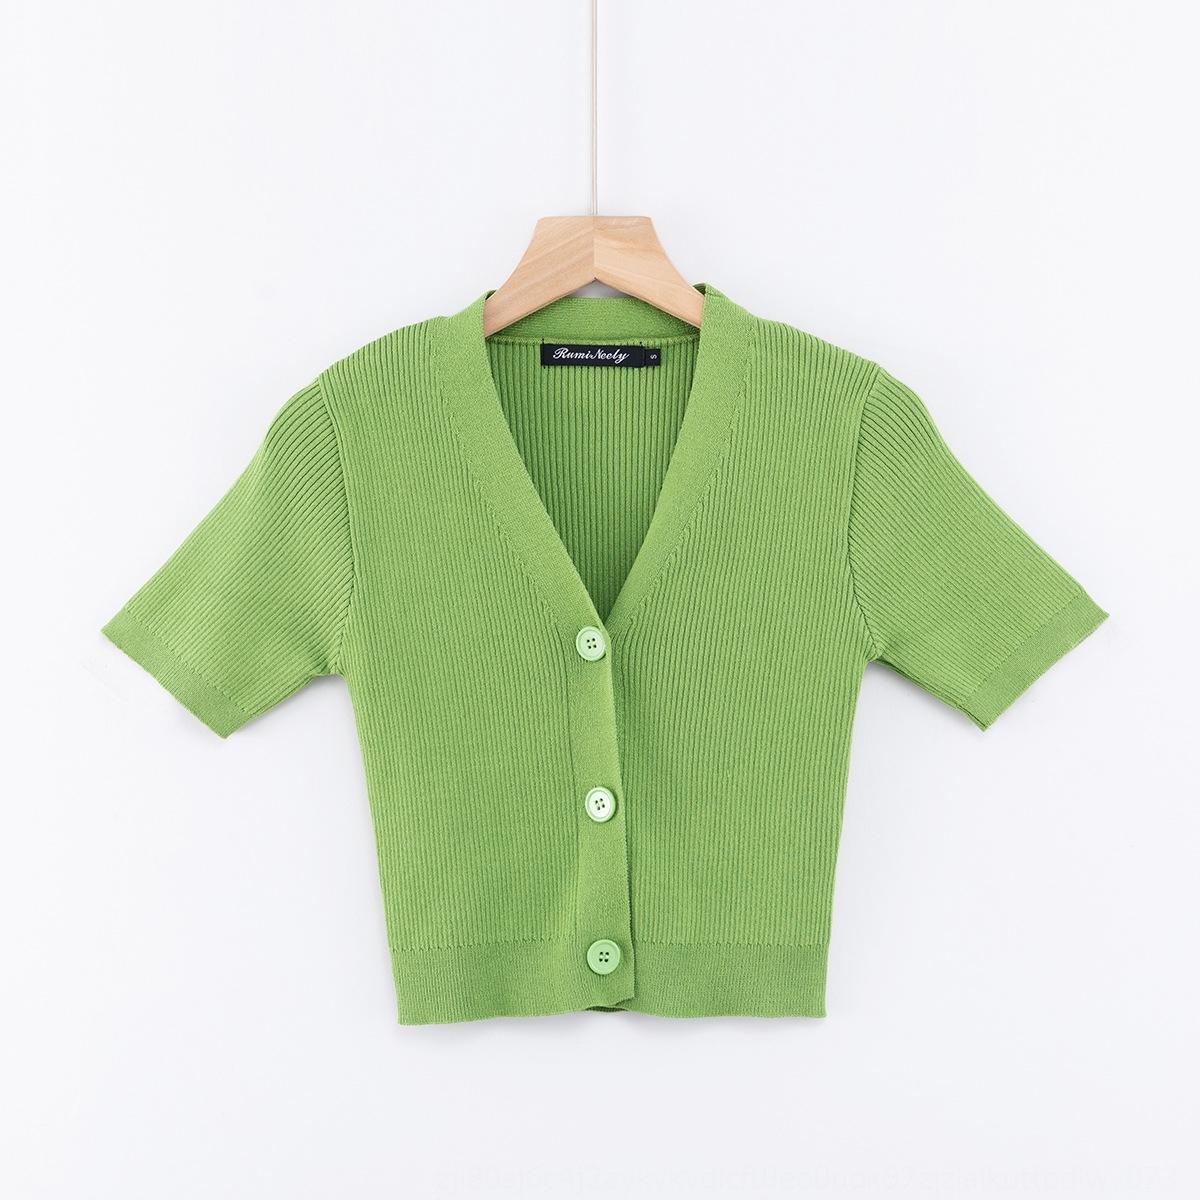 BBGGY RhVwU primavera 2003-20 primavera de ajuste estrecho V-cuello de tres botones de Corea del estilo de Corea del suéter de manga corta suéter ombligo expuesto a corto SLE